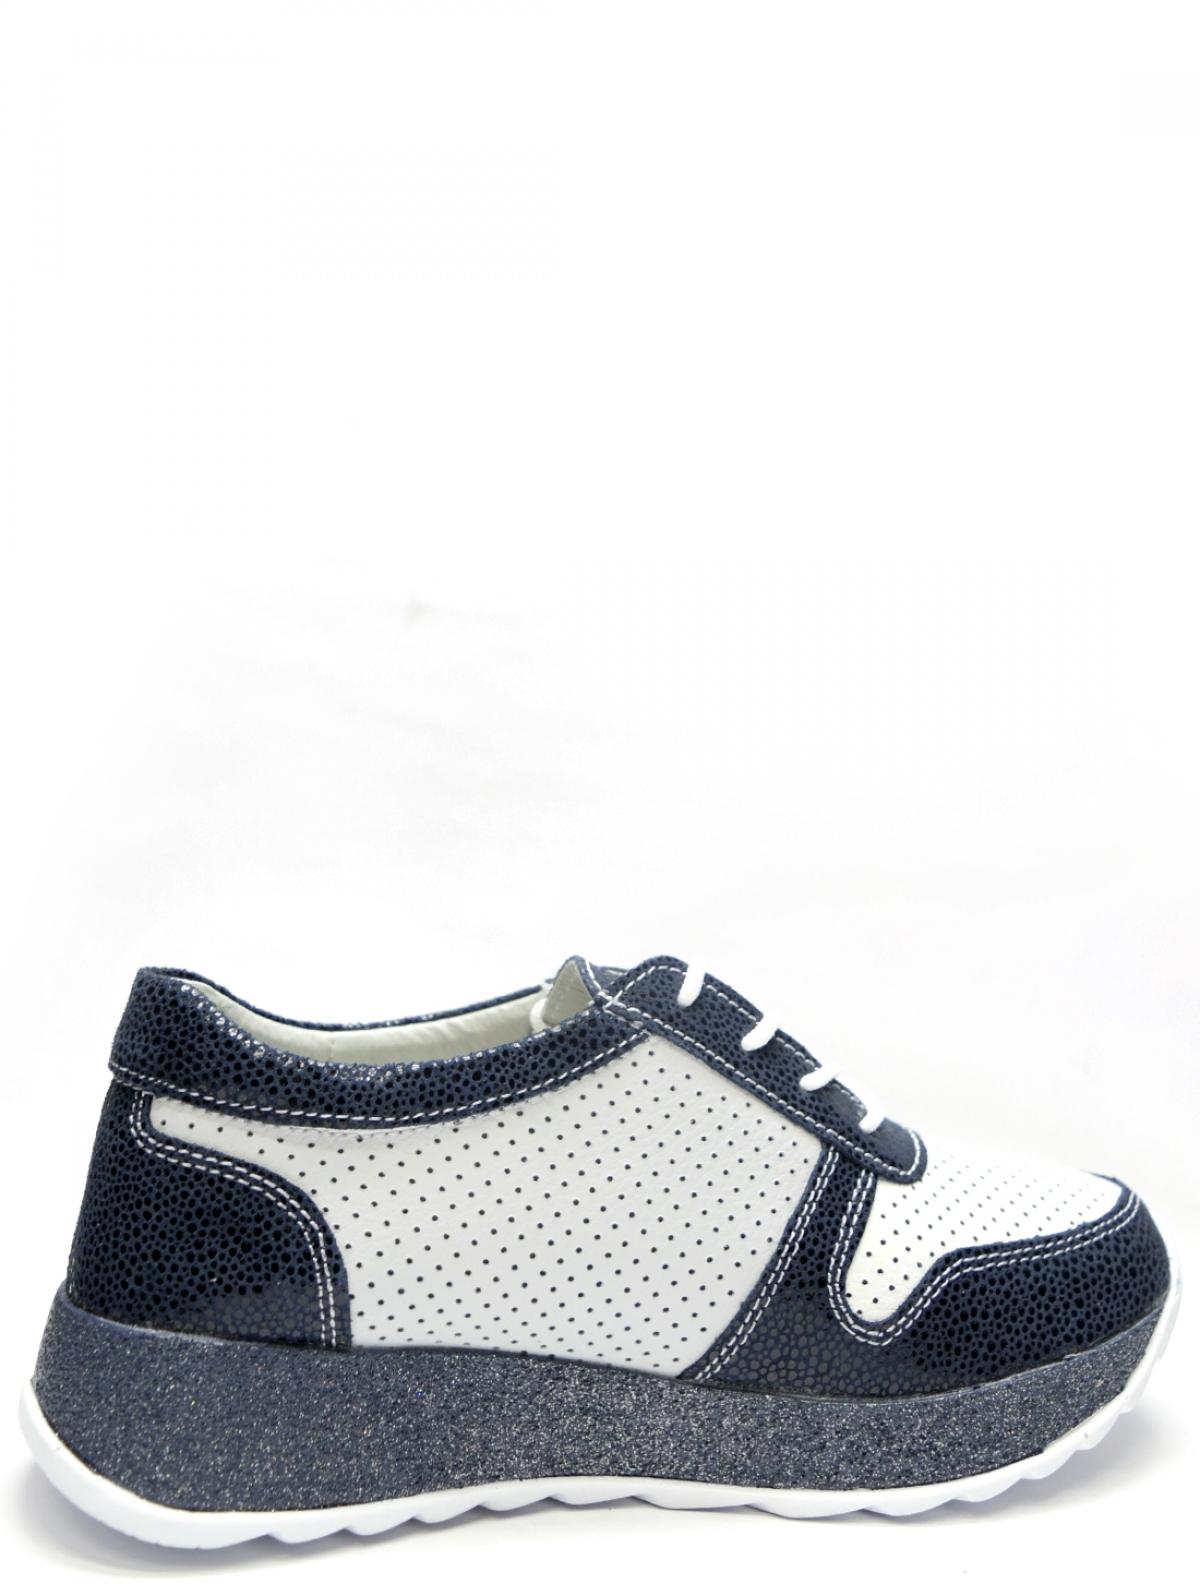 Rio Fiore 8020-N женские кроссовки